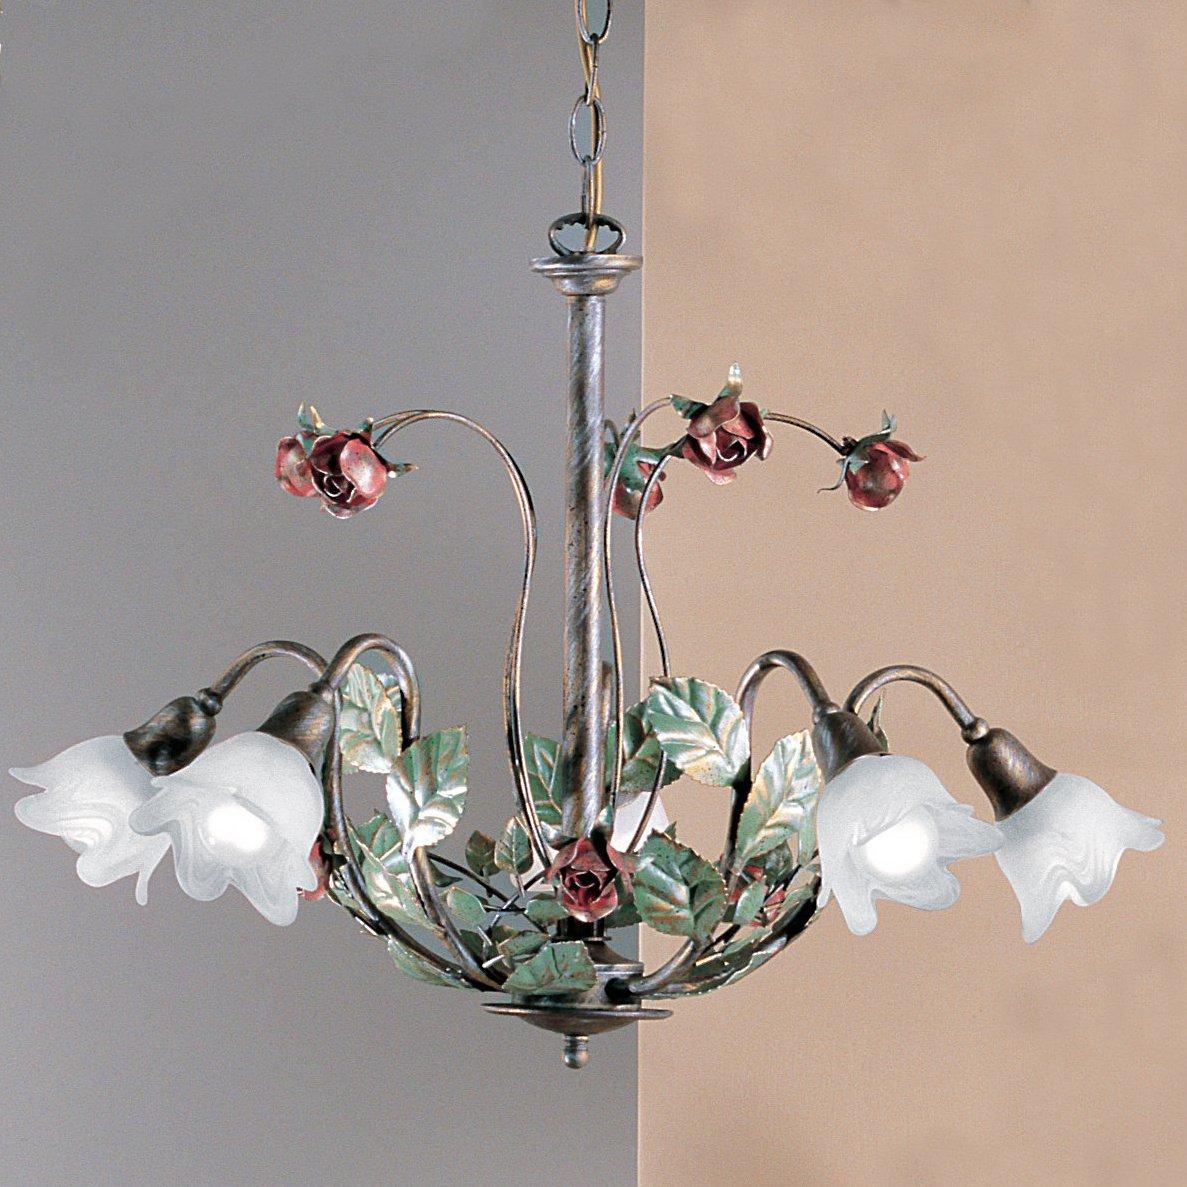 floraler florentiner kronleuchter zur tischbeleuchtung im landhausstil g nstig kaufen bei lampen. Black Bedroom Furniture Sets. Home Design Ideas